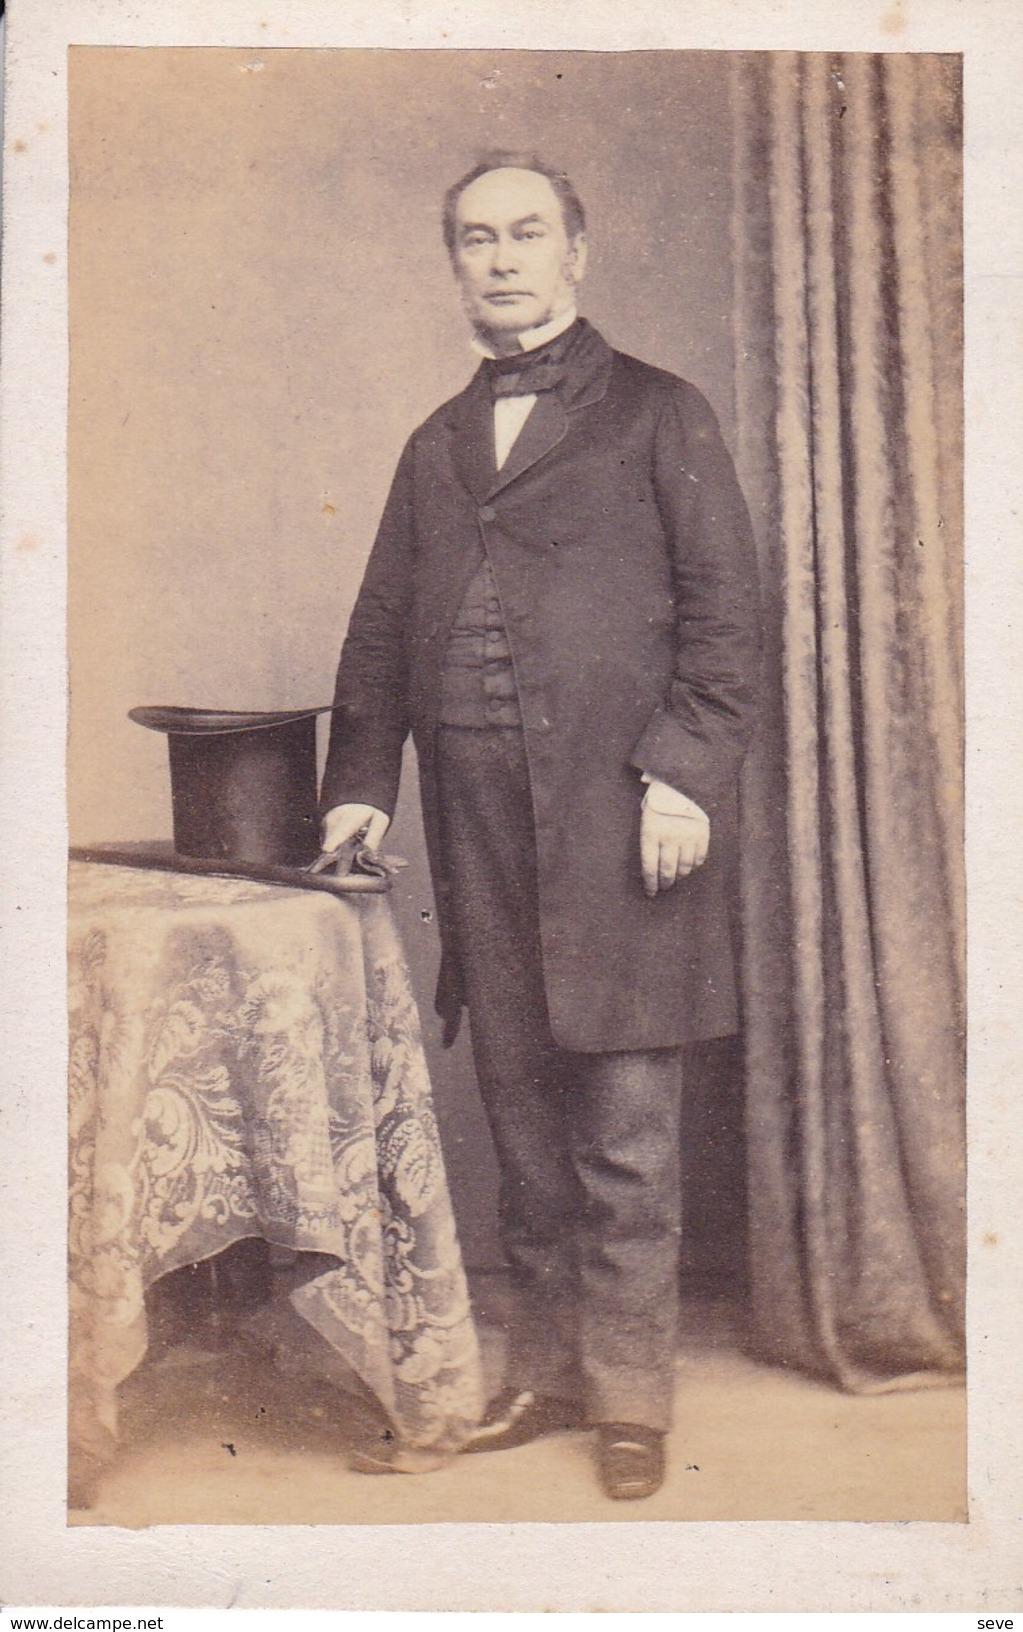 NAPLES NAPOLI Fotografia CDV Siniori MARTORELLI Par Carlo FRATACCI Années 1860-1870 - Photographs